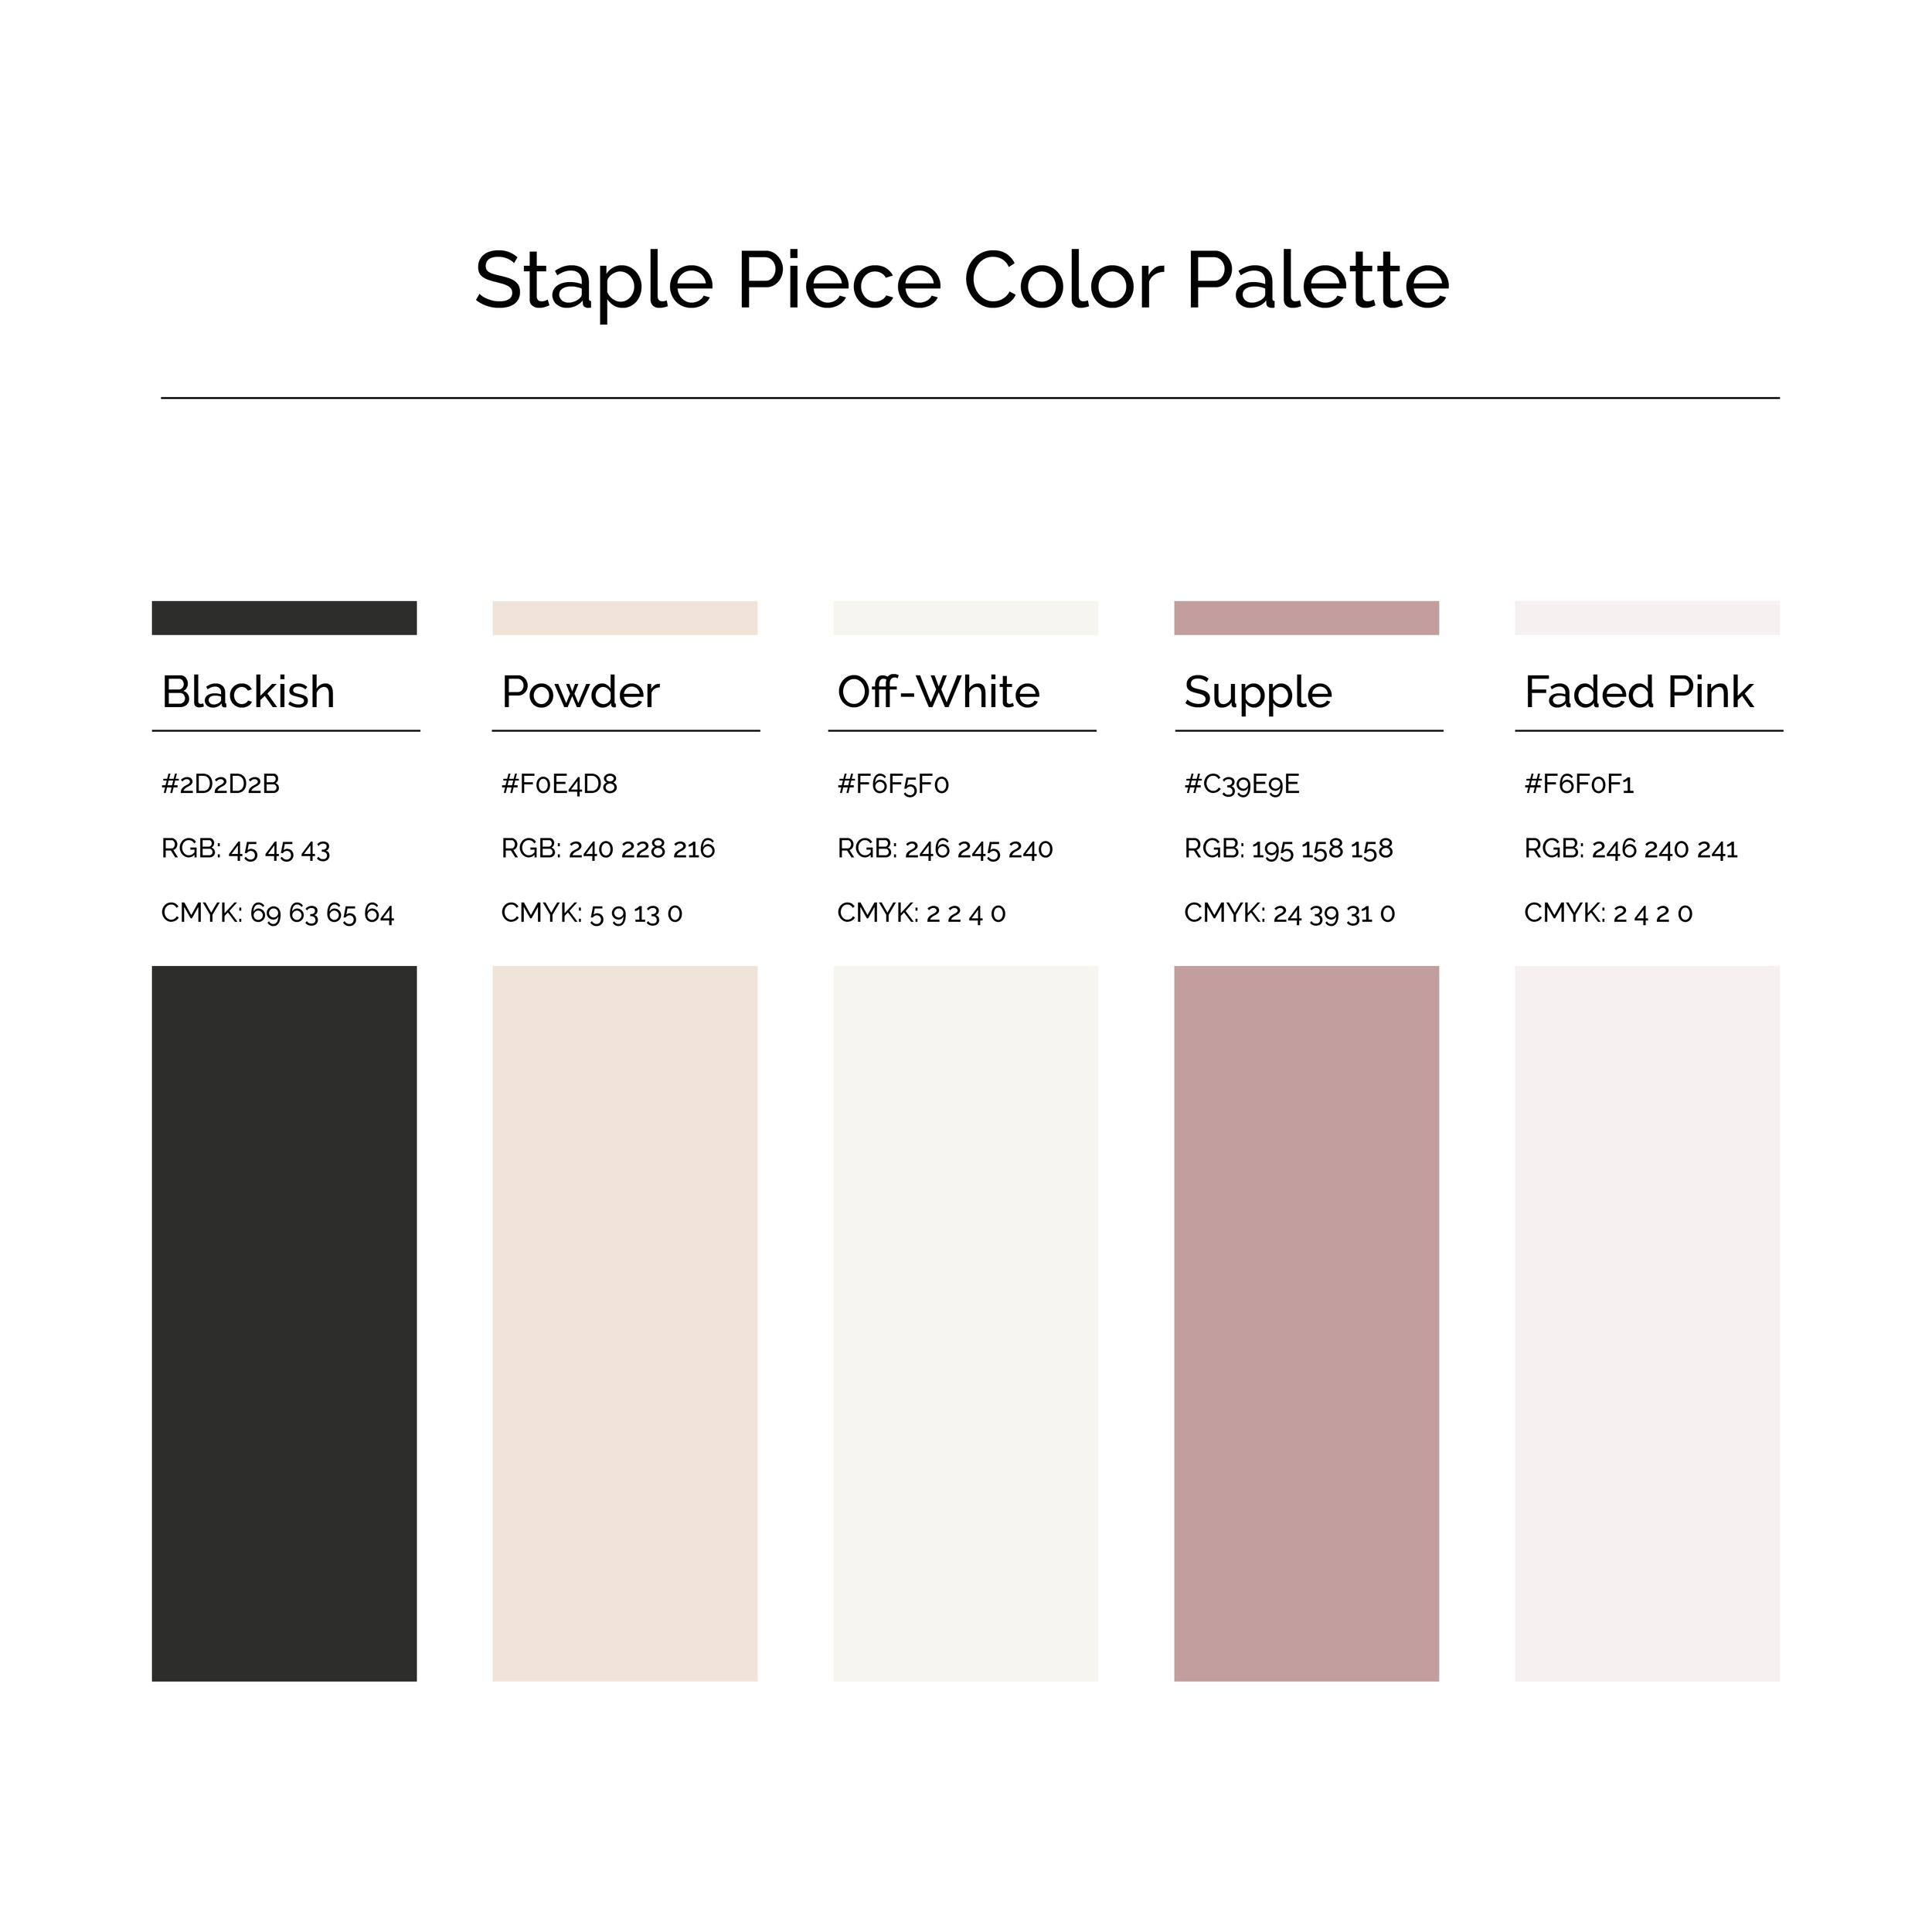 15 More Color Palettes | Staple Piece Color Palette